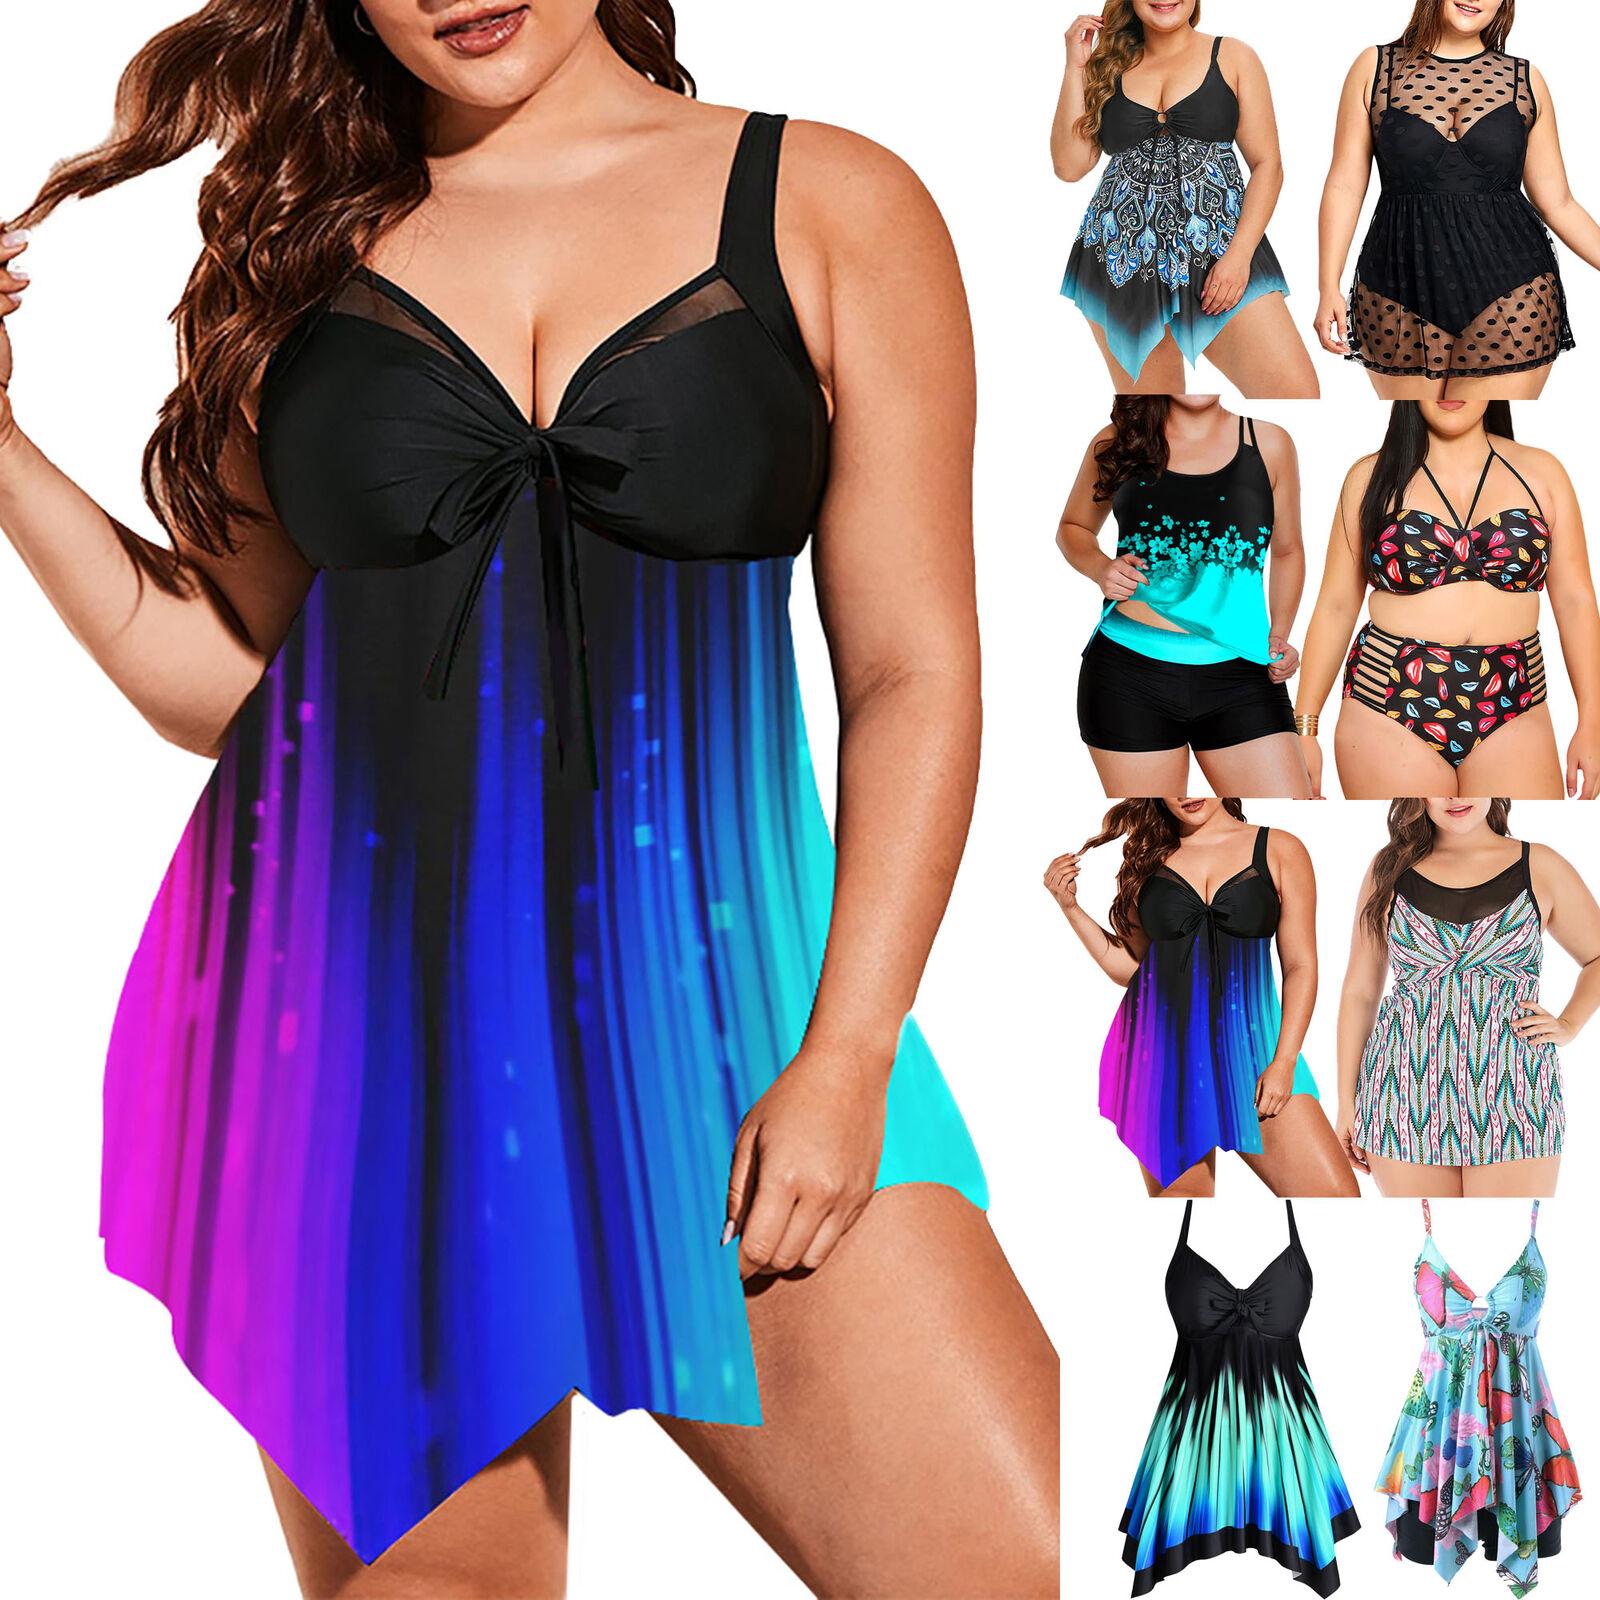 ✅ Übergröße Damen Tankini Set Bademode Badeanzug Schwimmanzug Badebekleidung